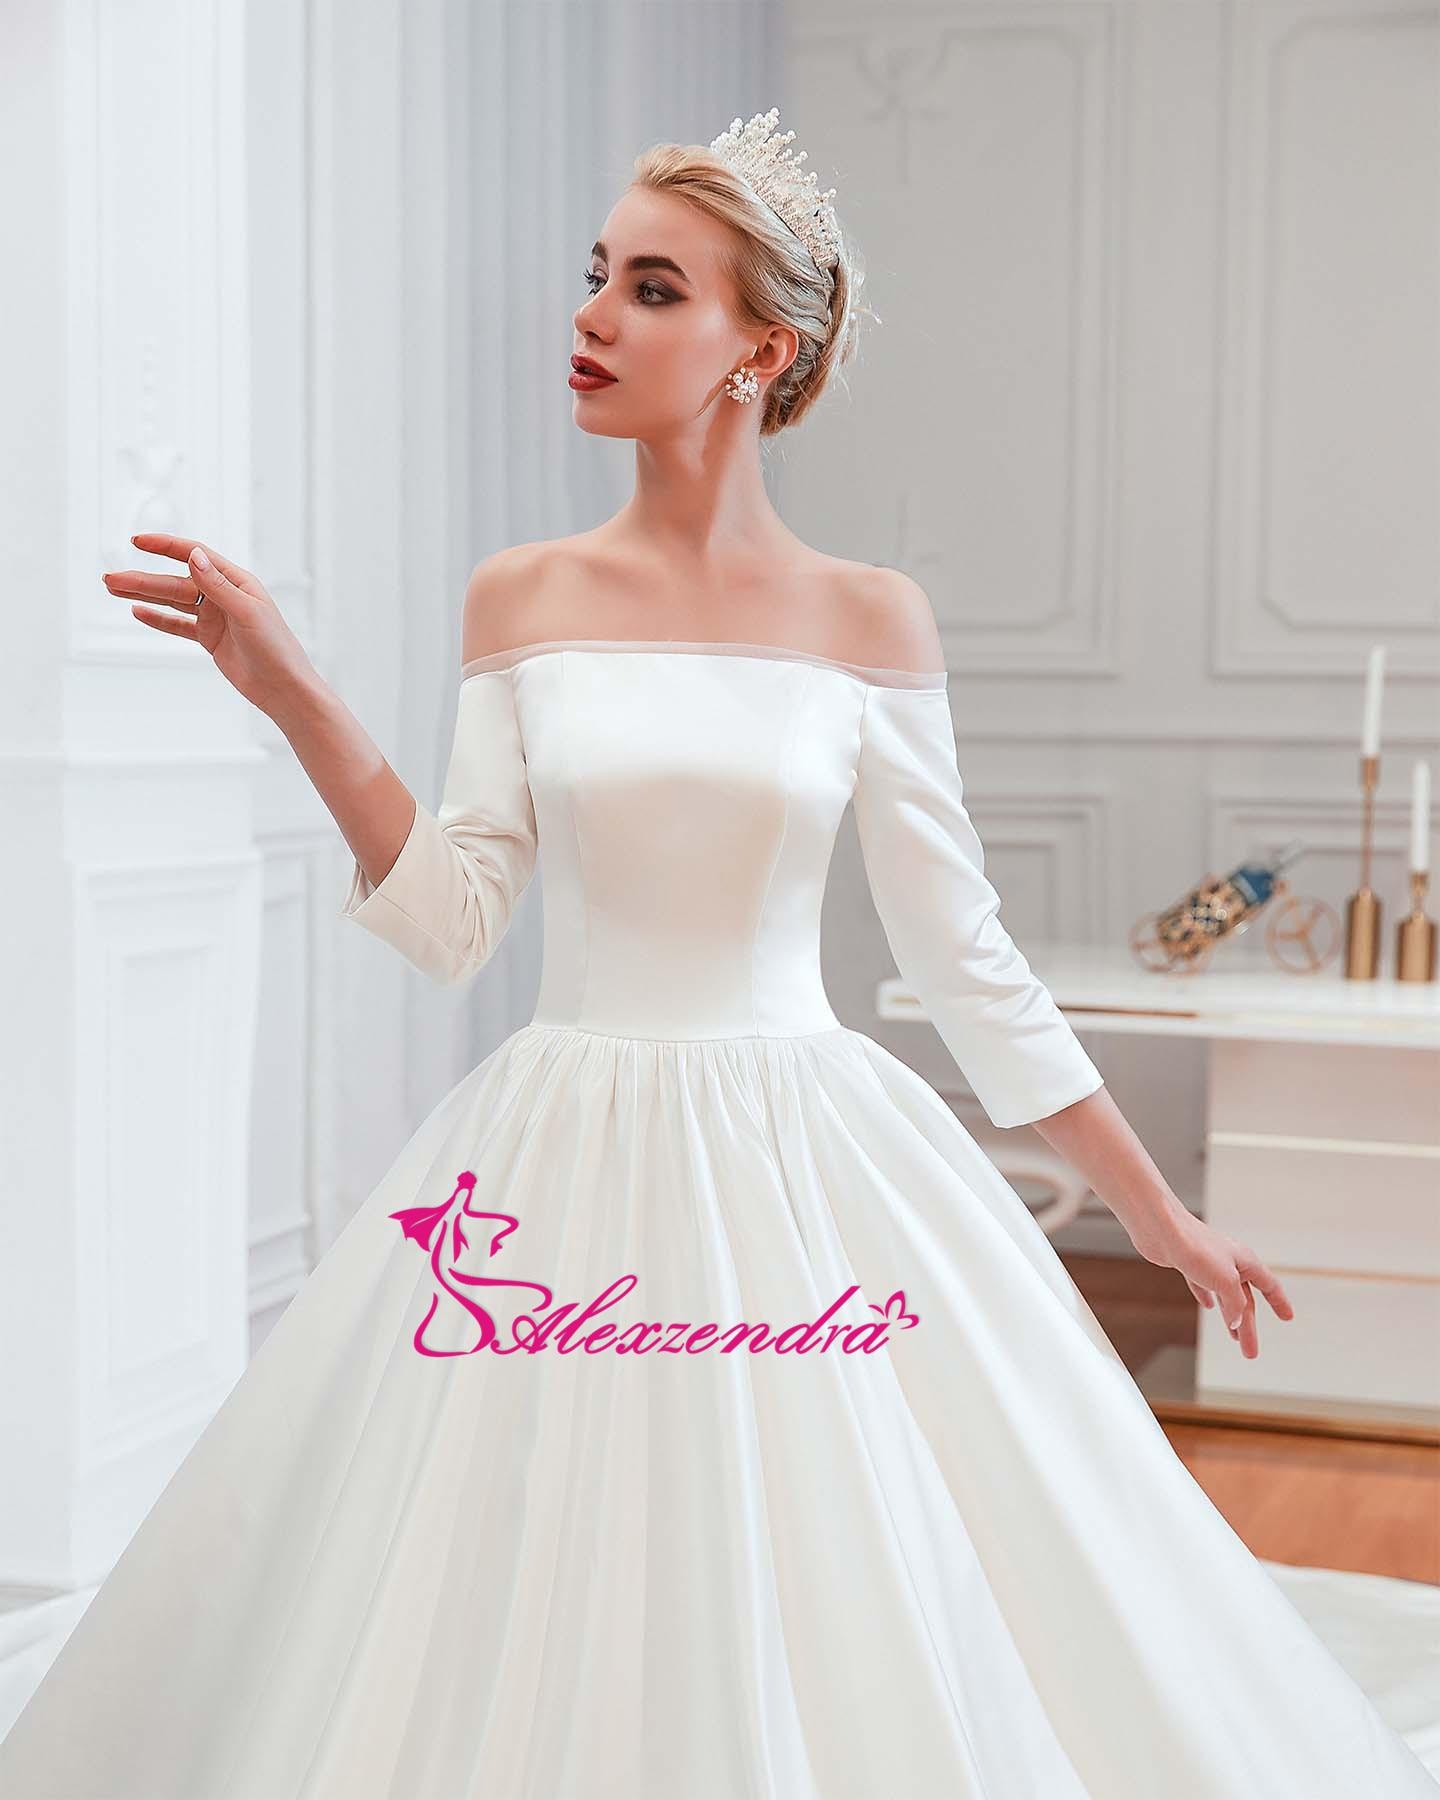 Alexzendra robe de bal en Tulle brillant robes de mariée élégantes pour la mariée perlée ceinture Vintage princesse mariée robes de grande taille - 5